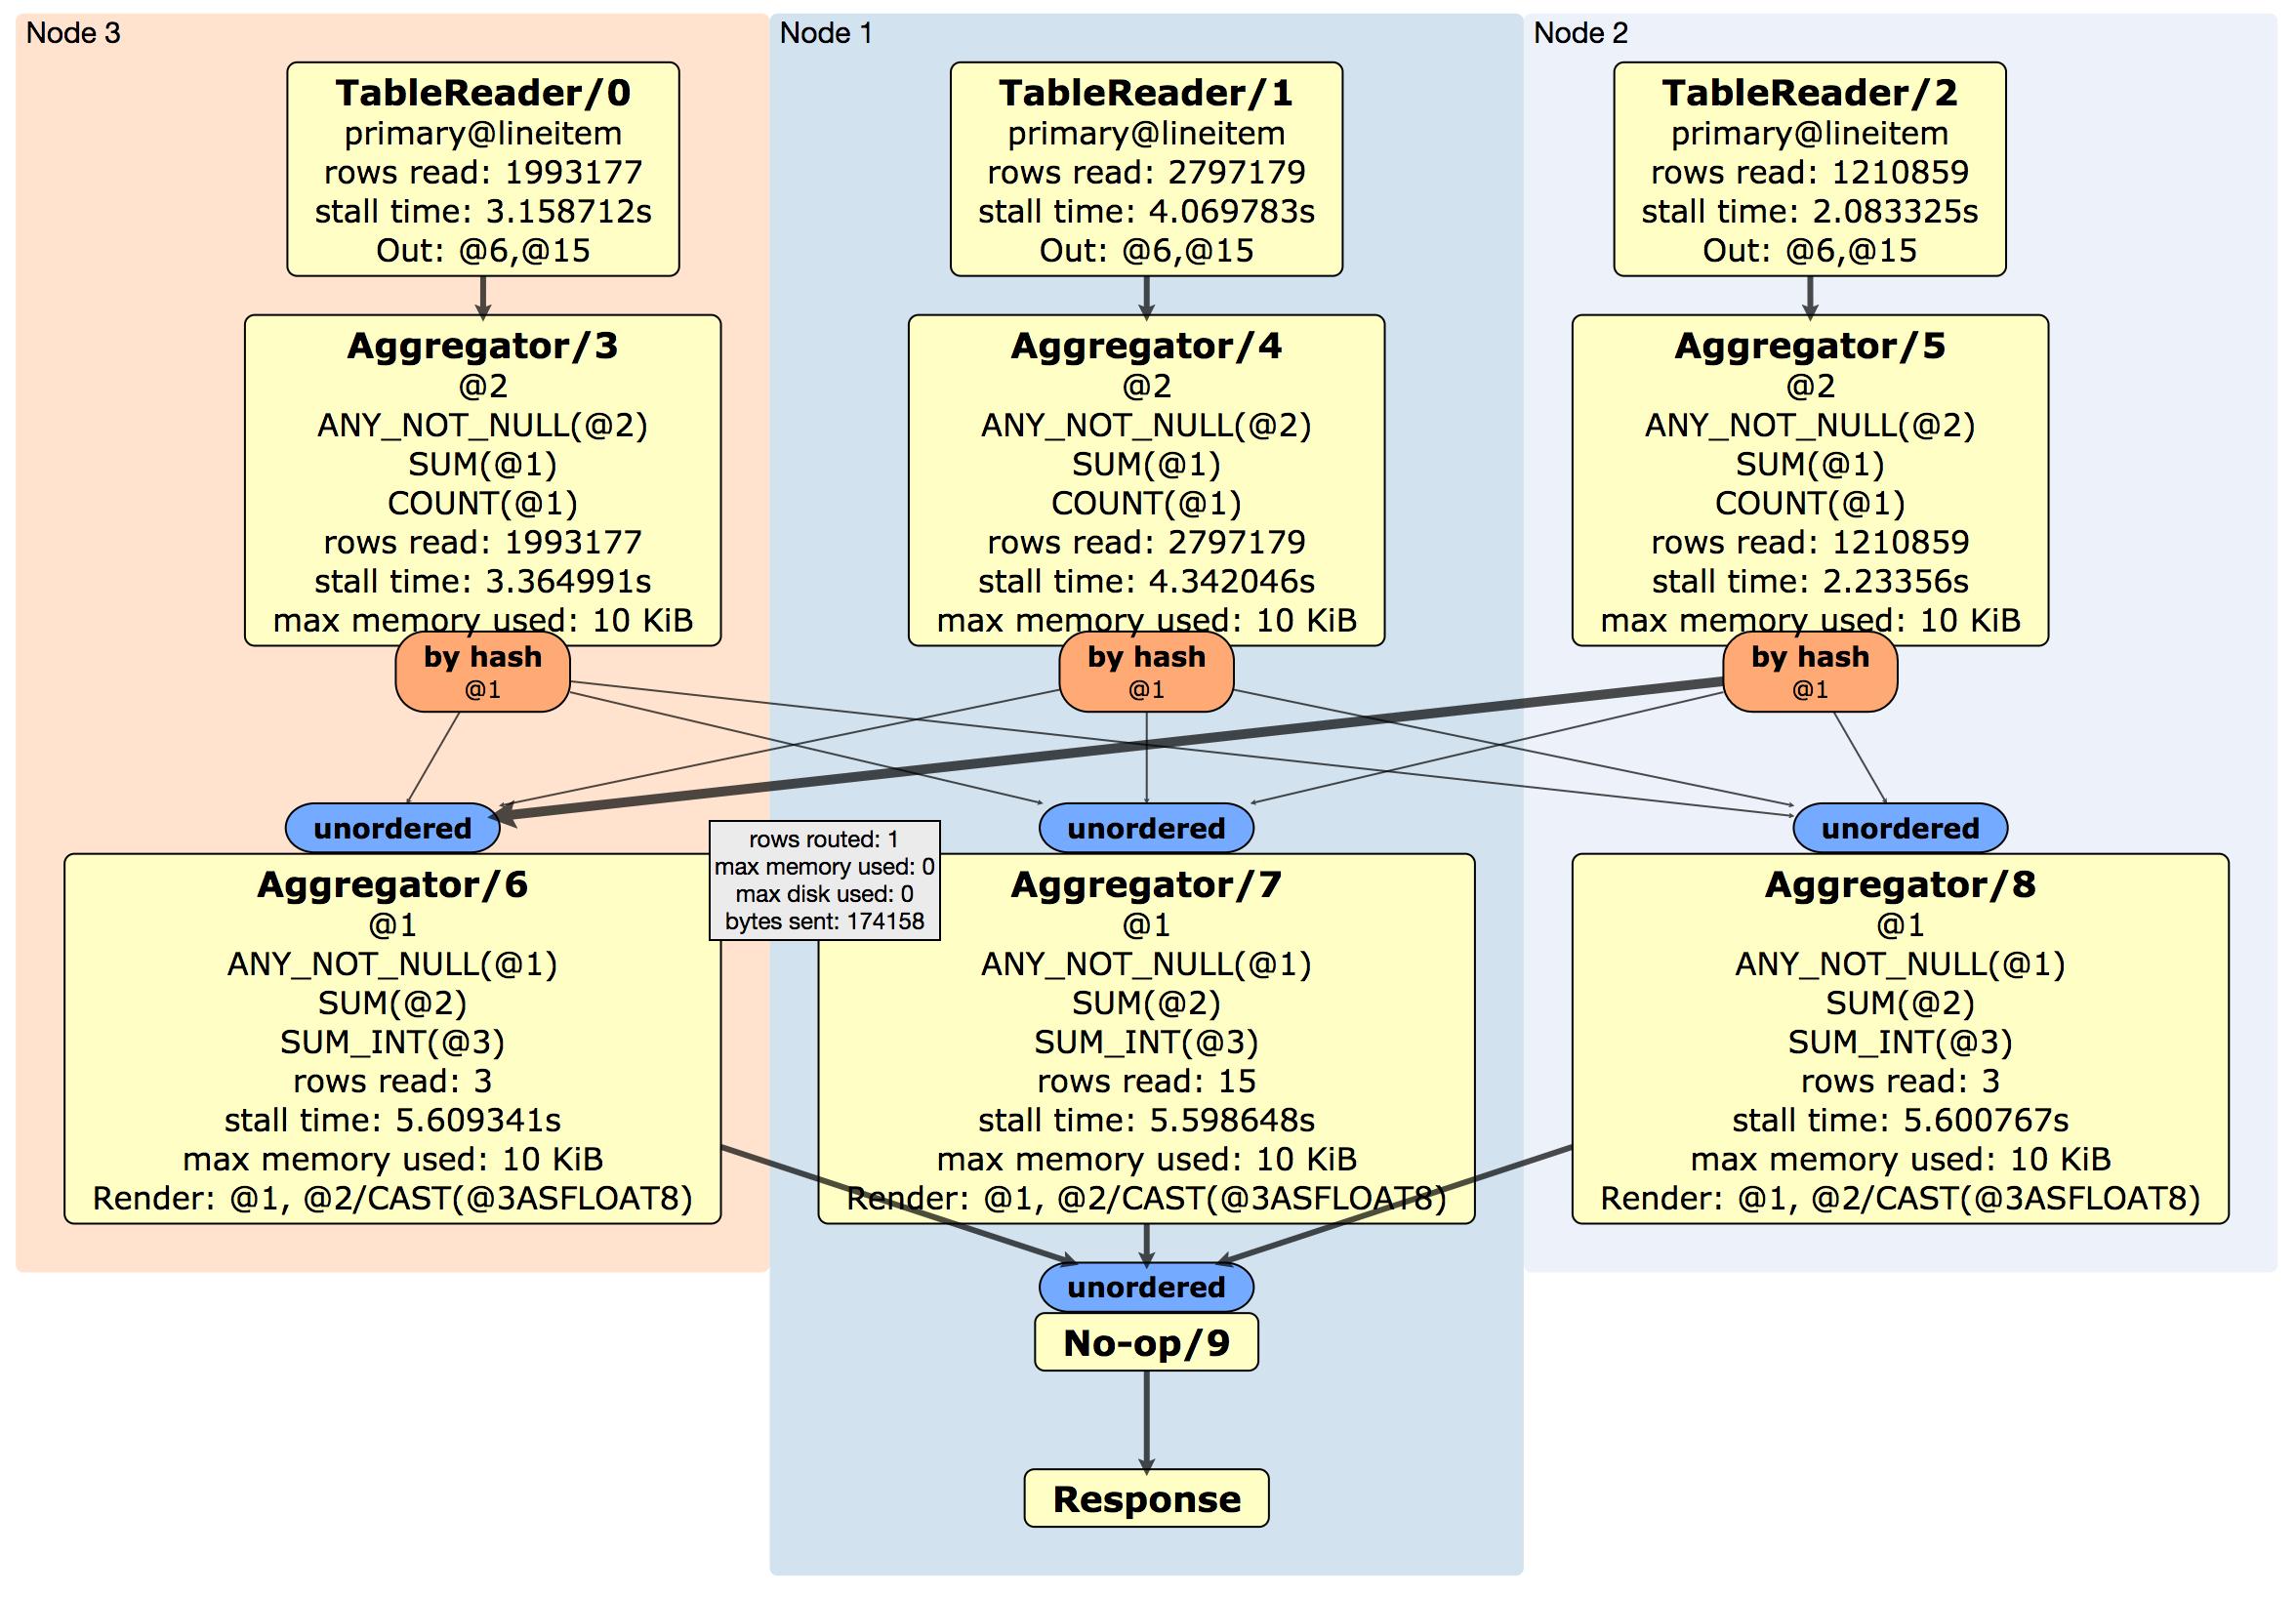 EXPLAIN ANALYZE (DISTSQL)